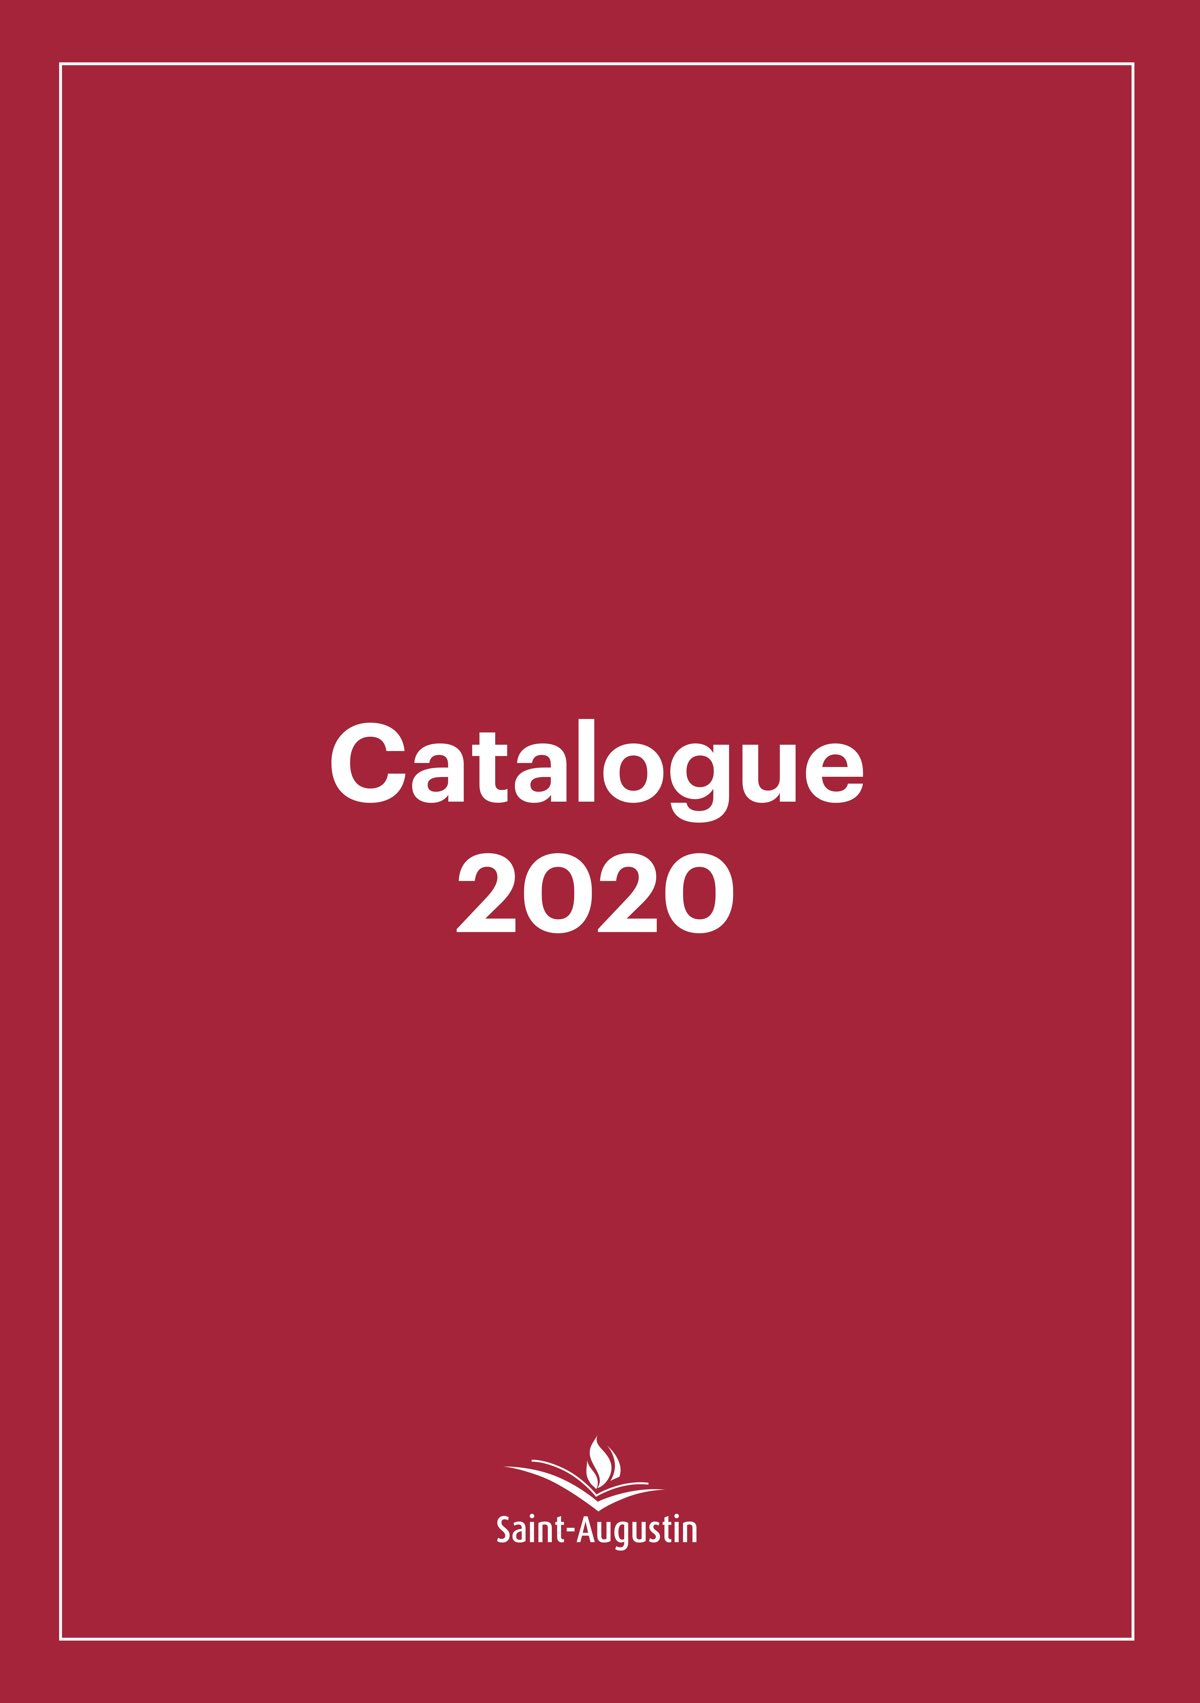 Catalogue 2020 des éditions Saint-Augustin